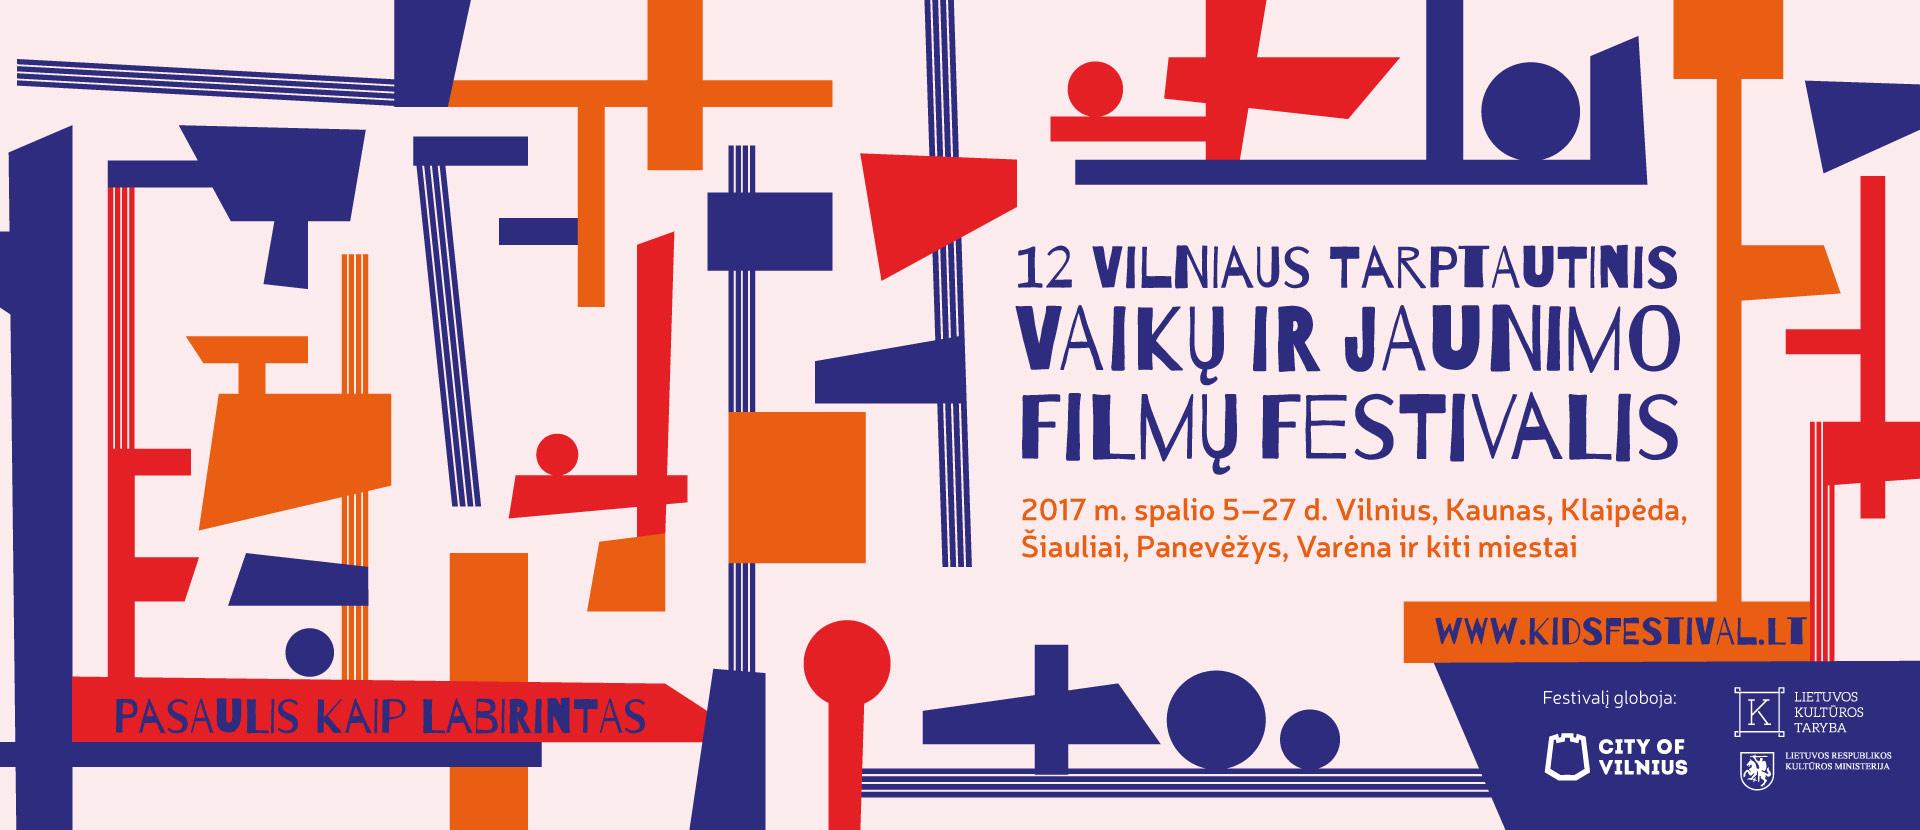 Vilniaus tarptautinis vaikų ir jaunimo filmų festivalis